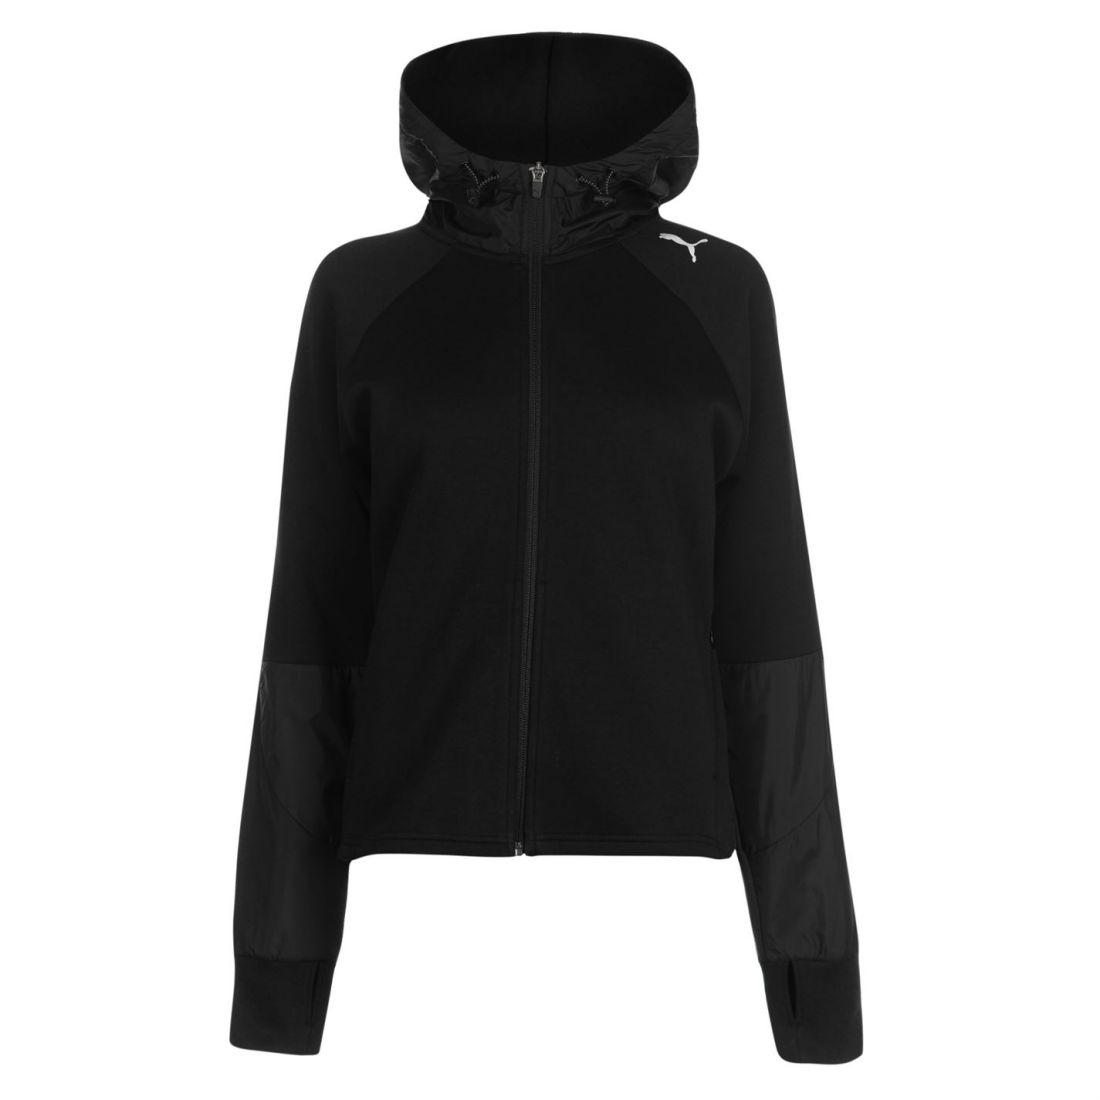 Details about Puma Womens Evostripe Hooded Jacket Zip Hoodie Coat Top Hoody  Full Stripe b50320168706